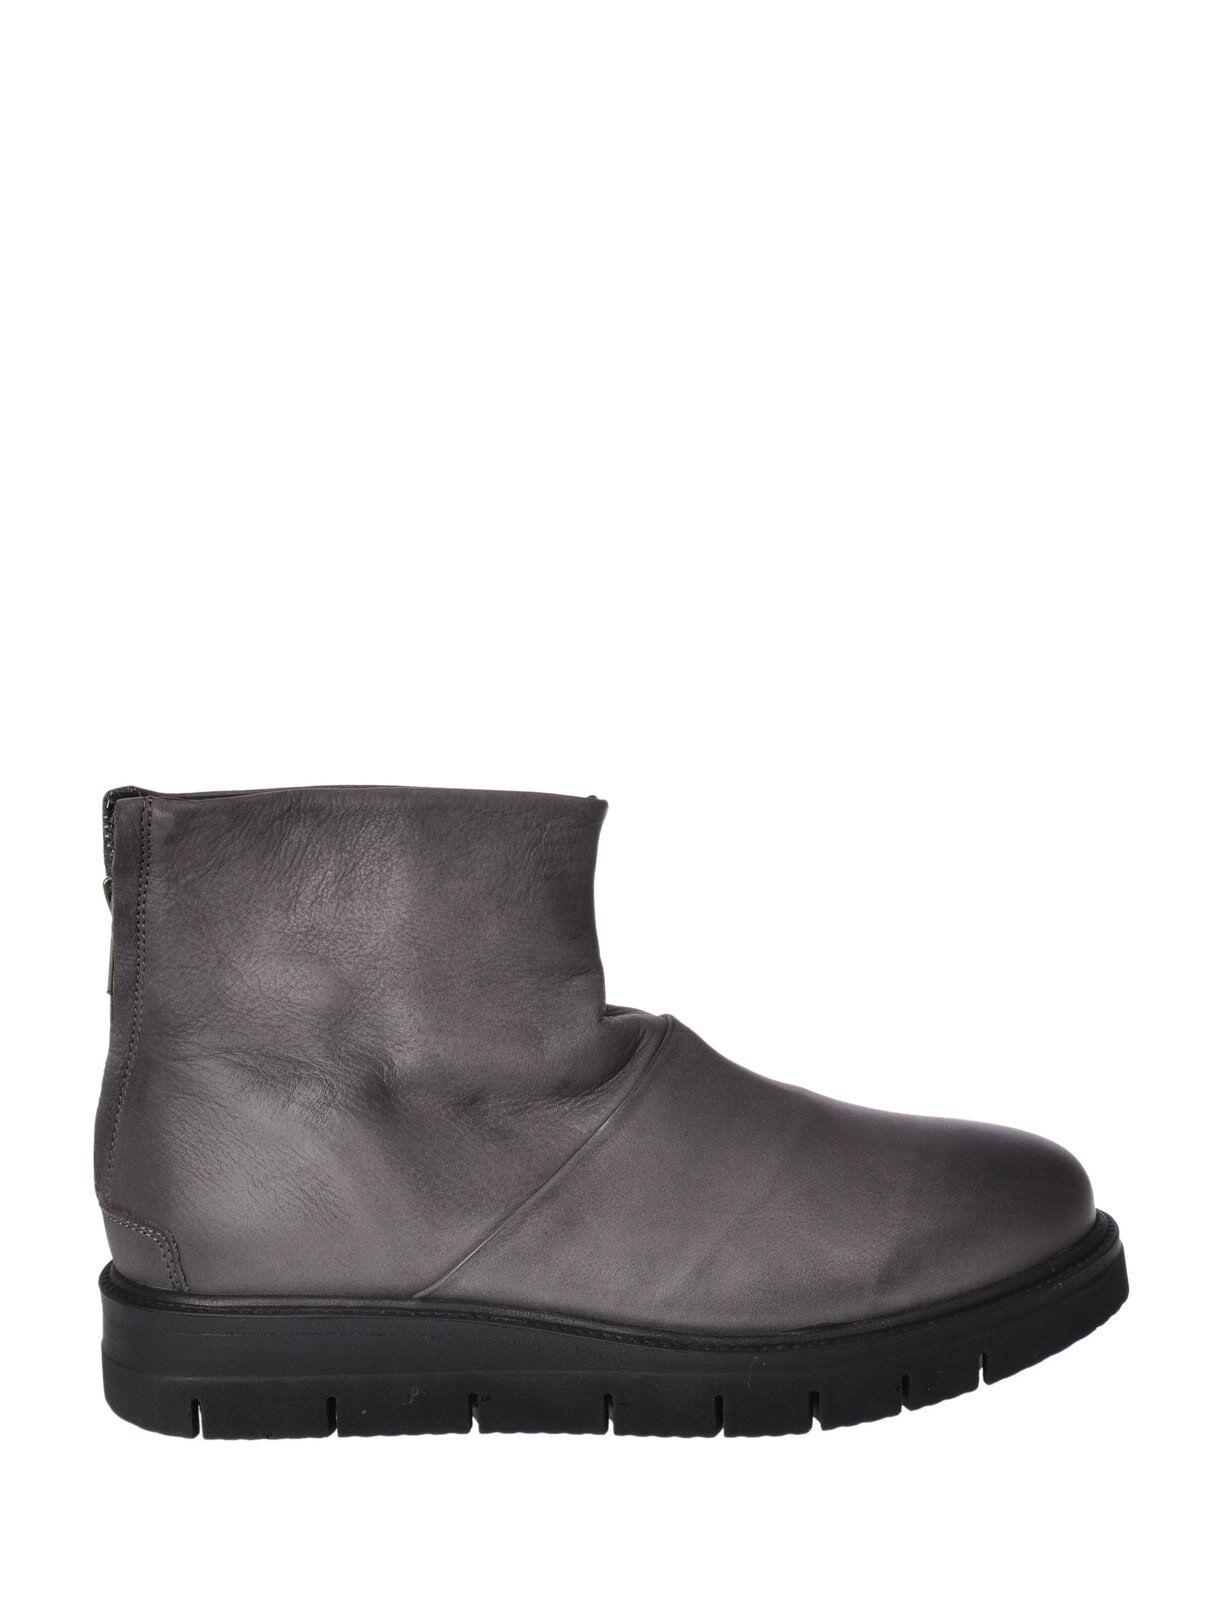 Lemarè - zapatos-Ankle-botas - Woman Woman Woman - gris - 451415C184209  80% de descuento